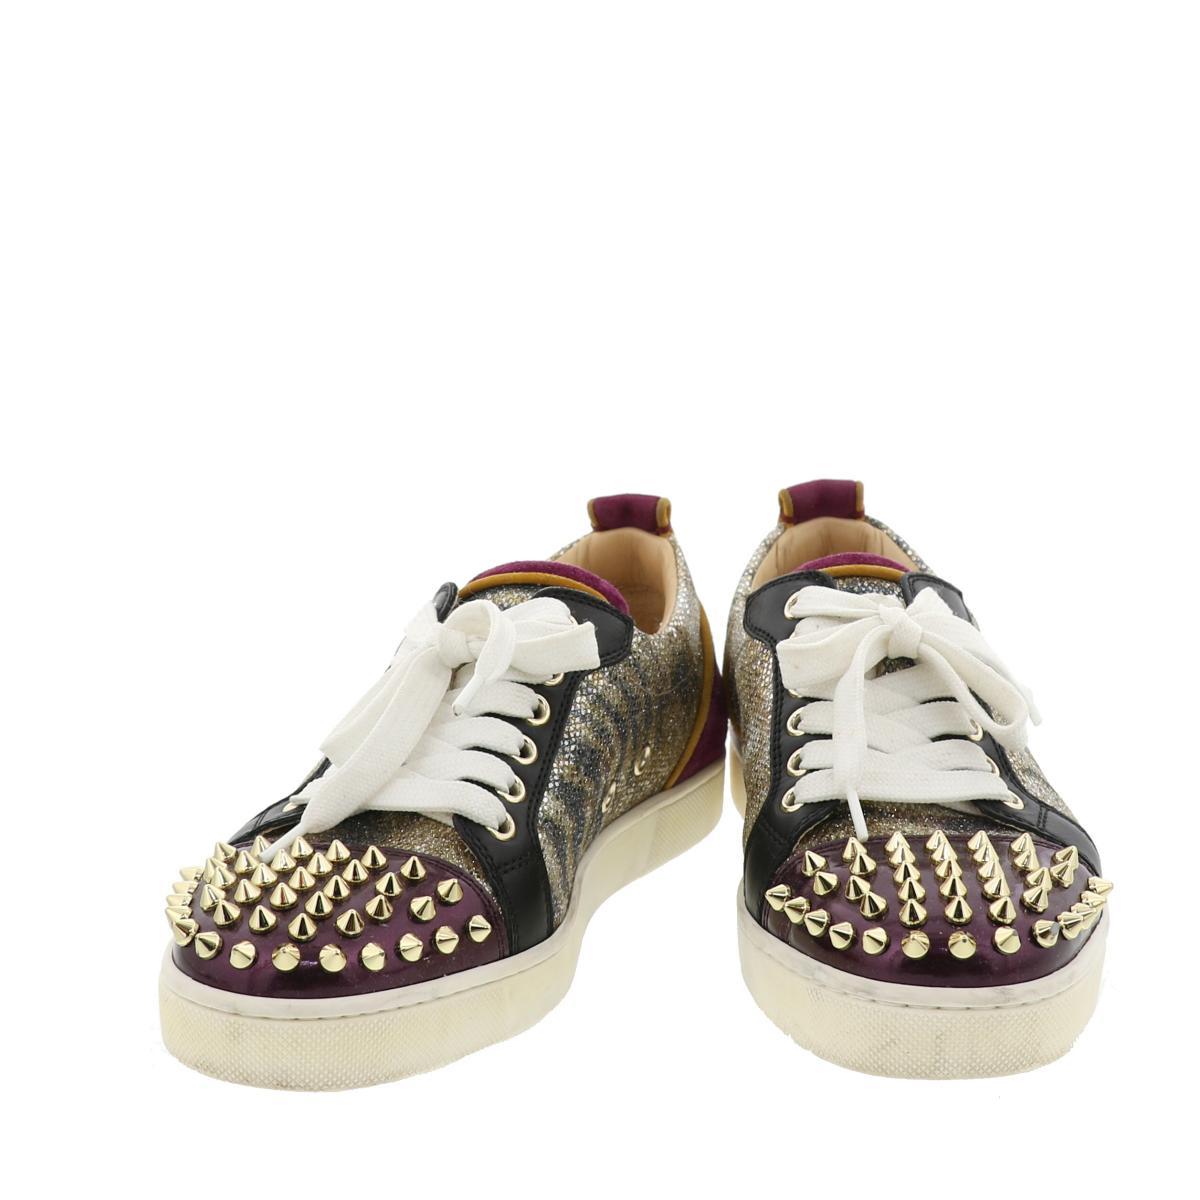 【中古】Christian Louboutin (クリスチャンルブタン) Louis Junior Spikes Version Gold 靴 靴/メンズ Sneakers Purple/パープル ルイスジュニア スパイク グリッター used:A